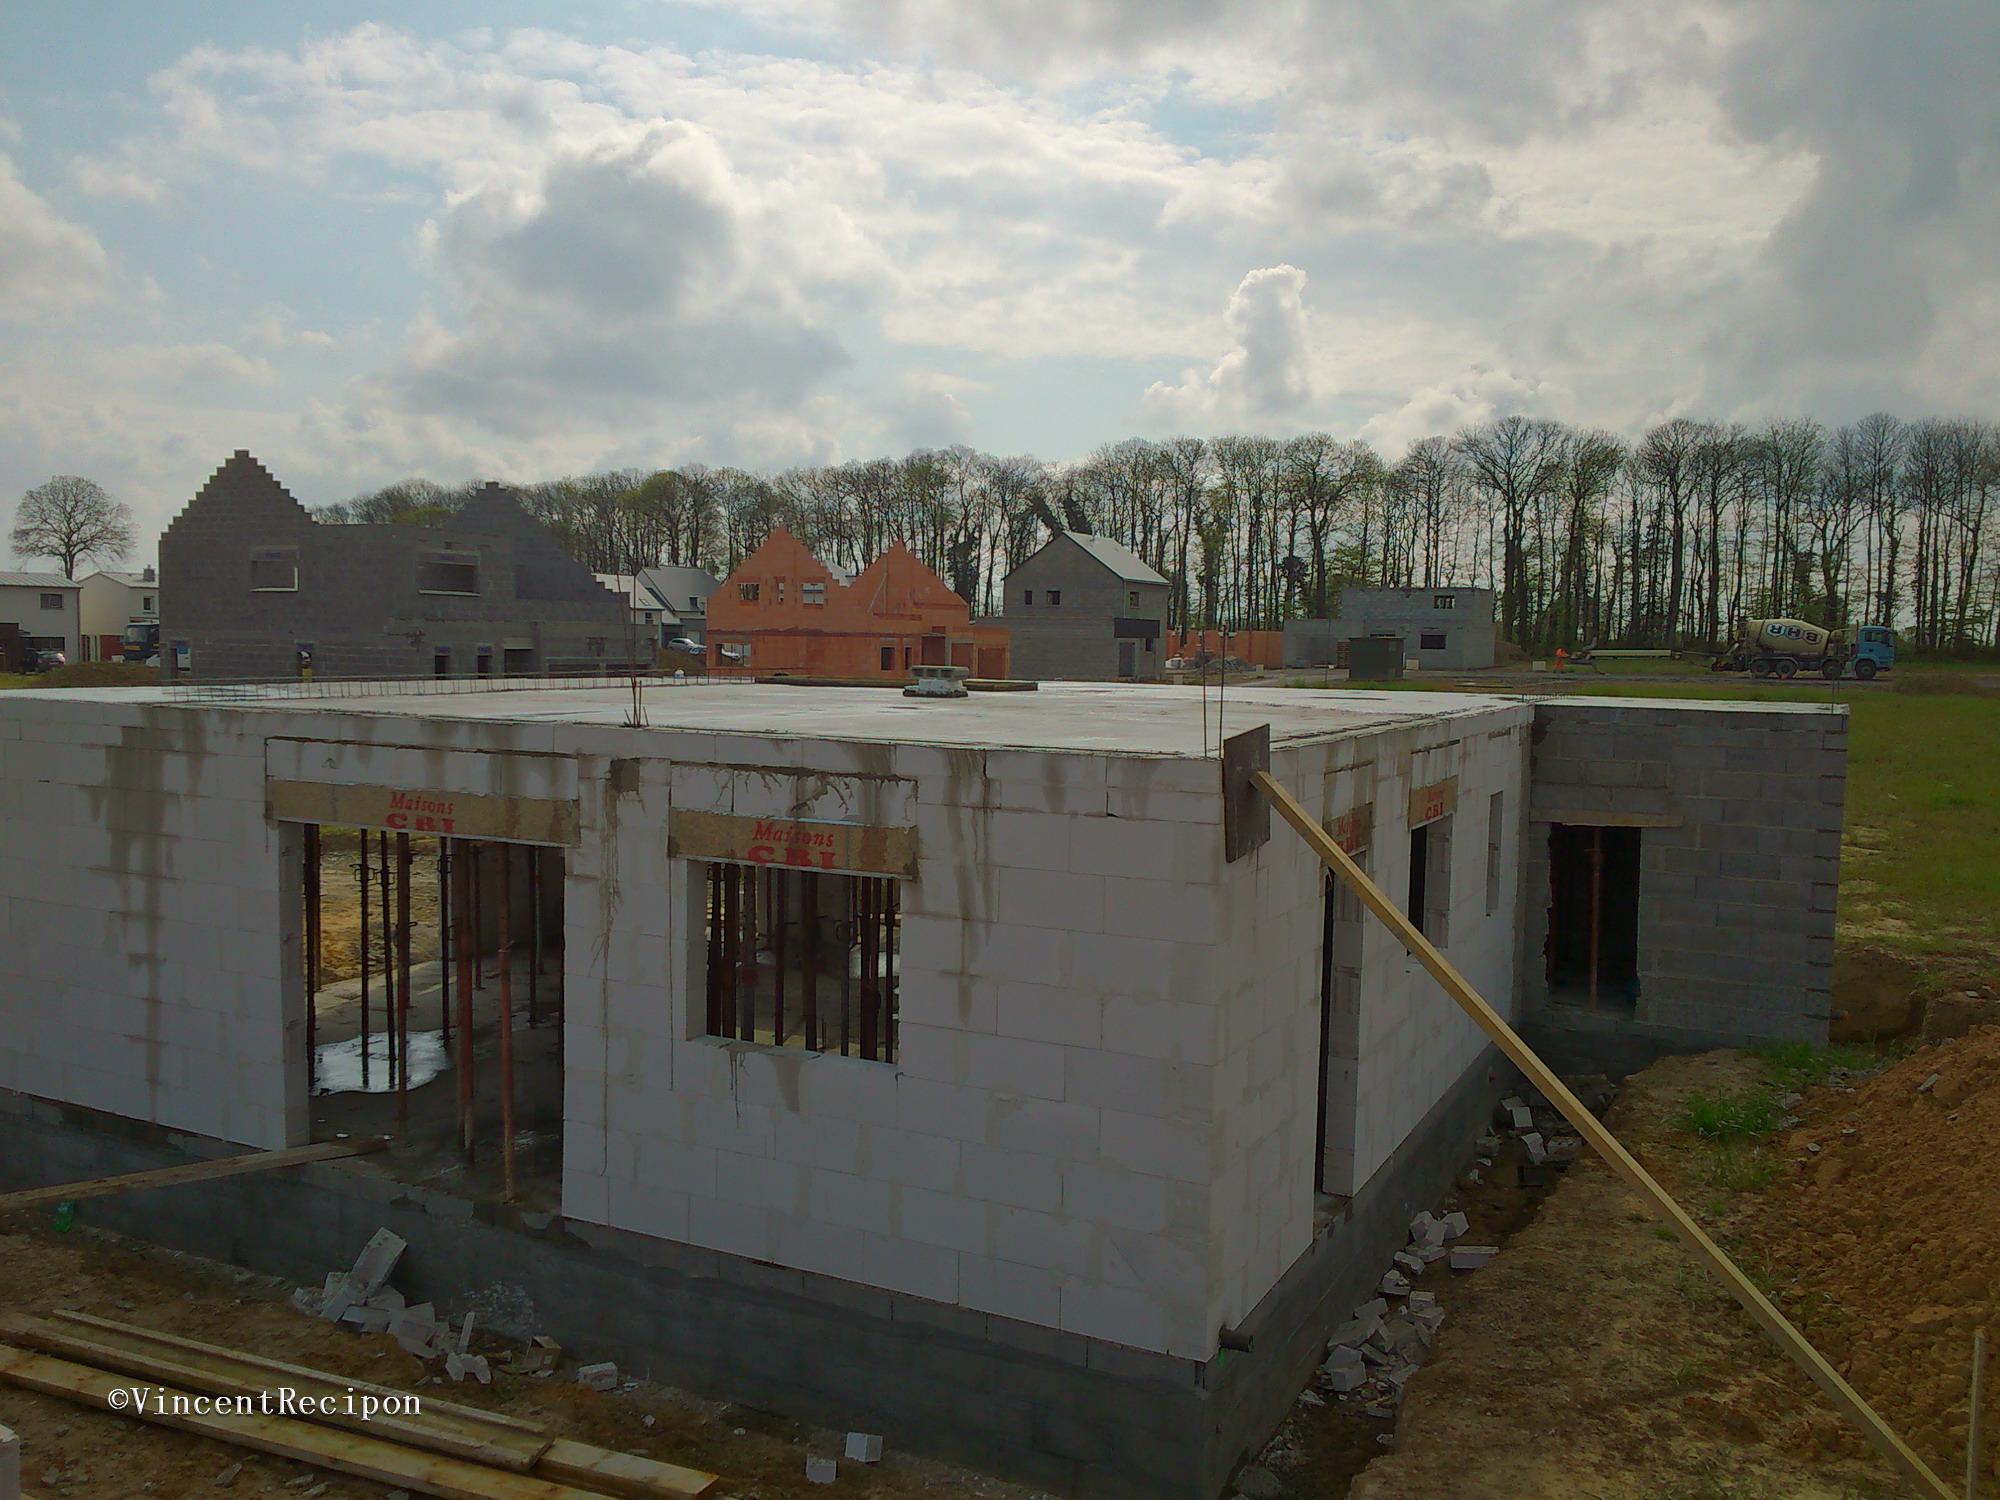 Design maison beton cellulaire en r 3 strasbourg 13 for Maison de la literie strasbourg